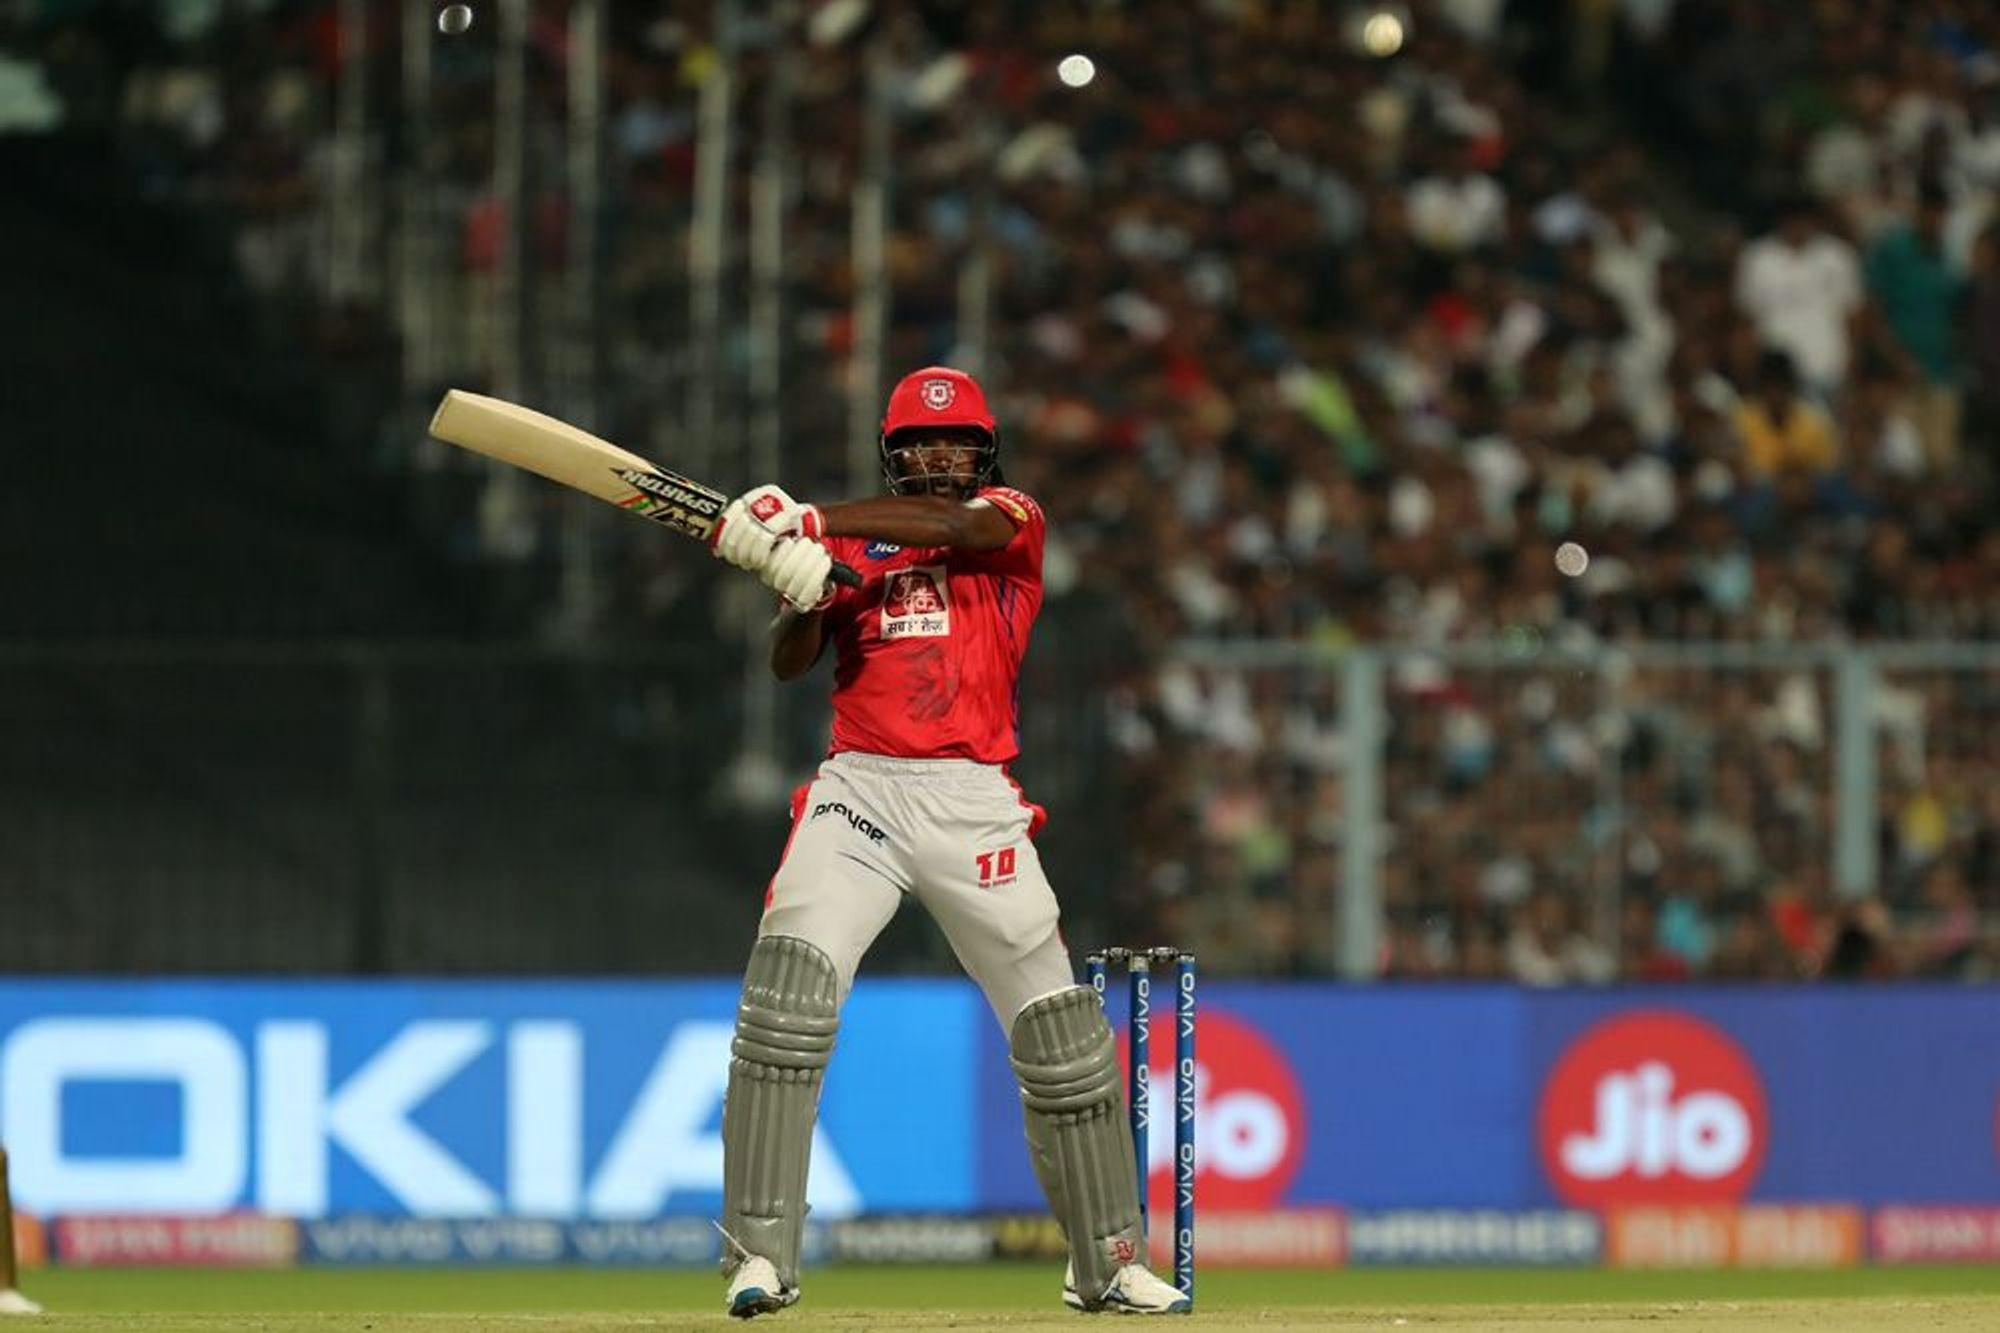 ख्रिस गेल आयपीएलमध्ये 300 षटकार खेचणारा पहिला फलंदाज ठरला आहे. त्याने 115 सामन्यातील 114 डावात ही कामगिरी केली आहे. शनिवारी झालेल्या सामन्यात त्याने 24 चेंडूत तीन चौकार आणि चार षटकारांच्या मदतीने 40 धावांची तुफान खेळी केली. आंतरराष्ट्रीय क्रिकेमध्ये 500 षटकार मारणाराही गेल पहिलाच फलंदाज आहे.(photo-iplt20.com)